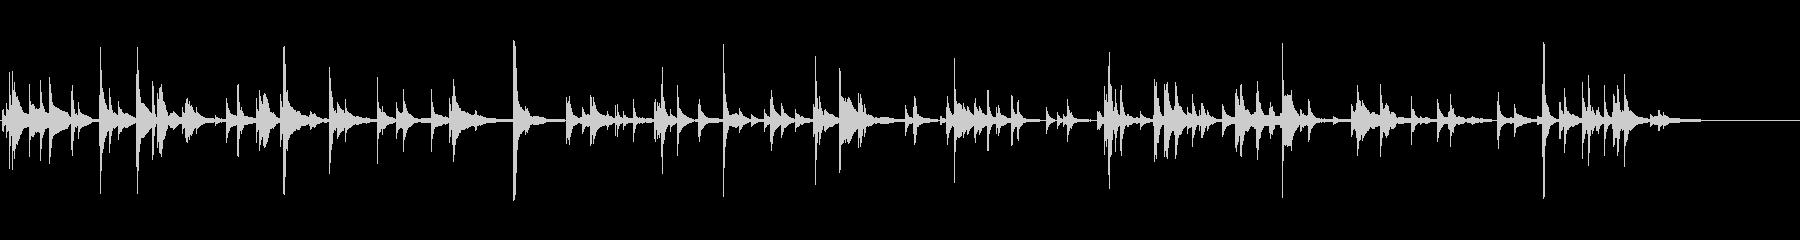 風鈴の未再生の波形